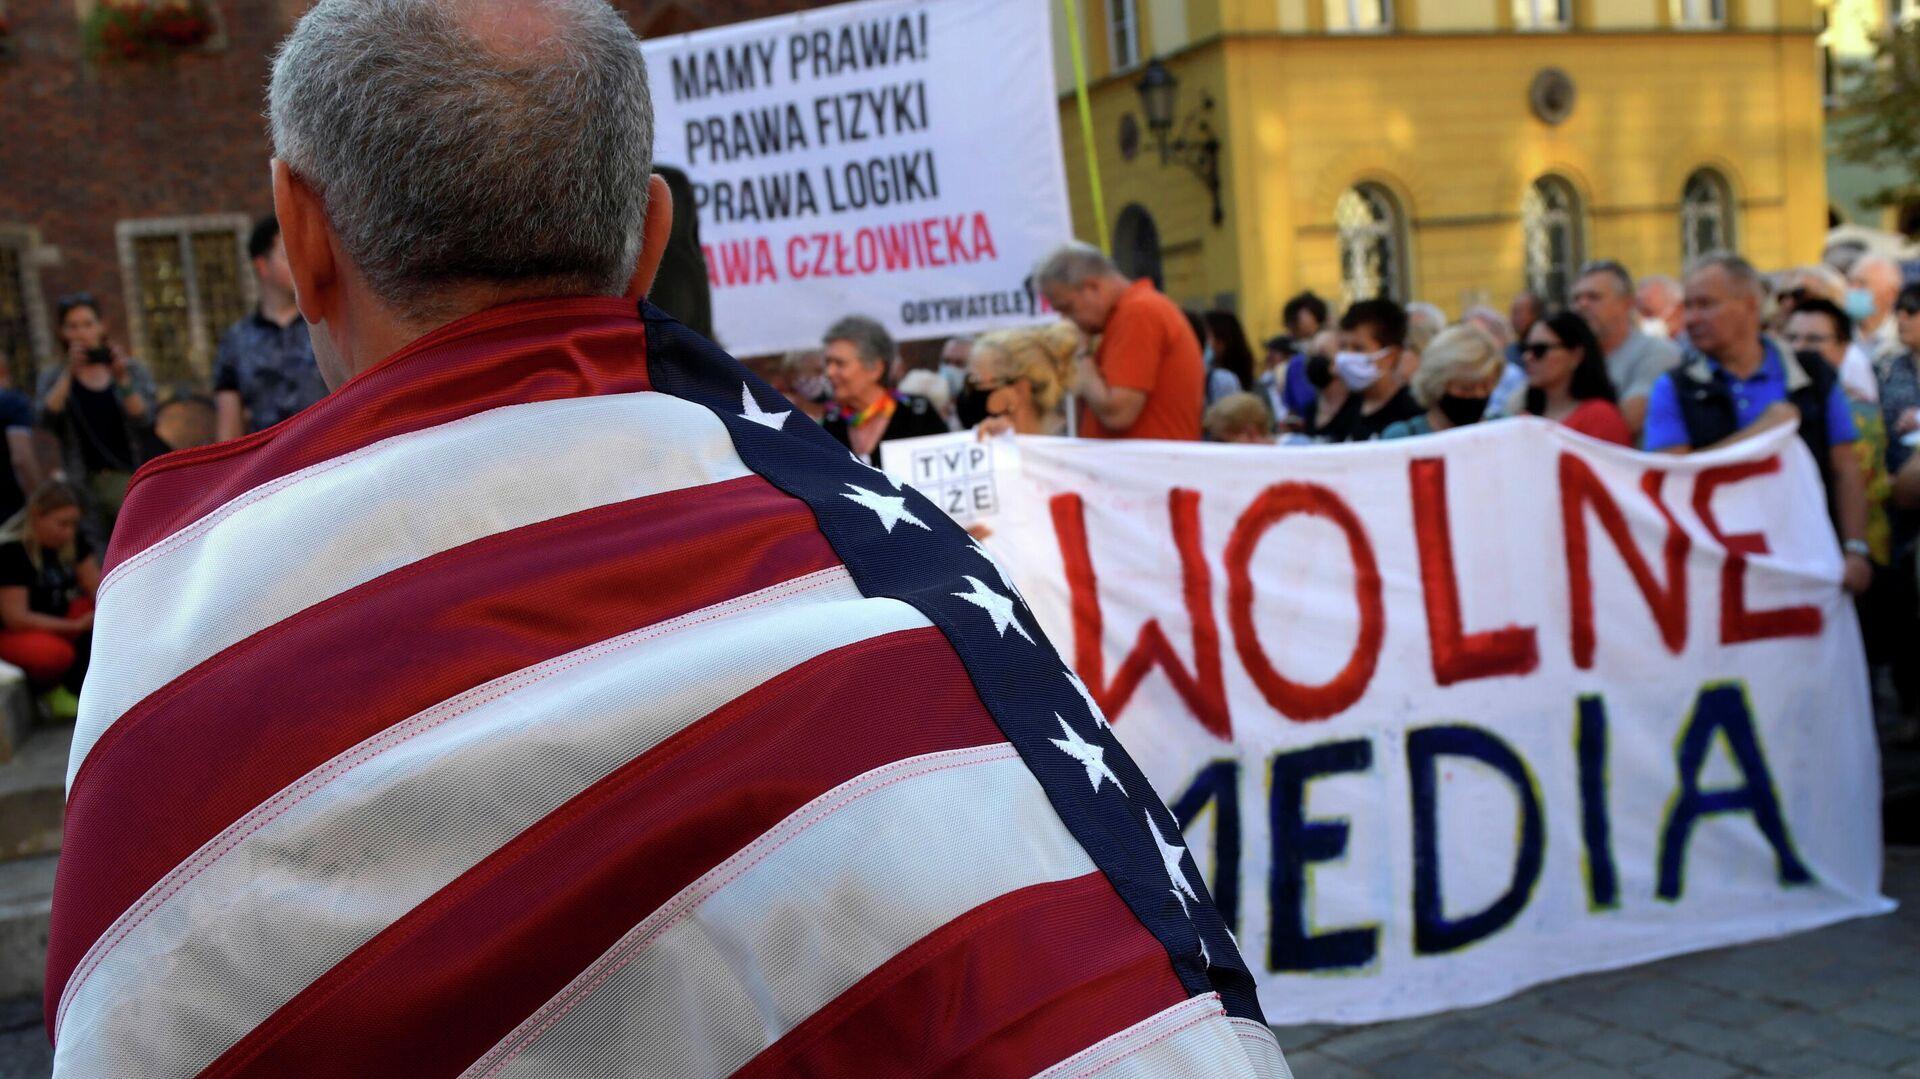 Демонстрация против принятия нового закона о телерадиовещании во Вроцлаве 1